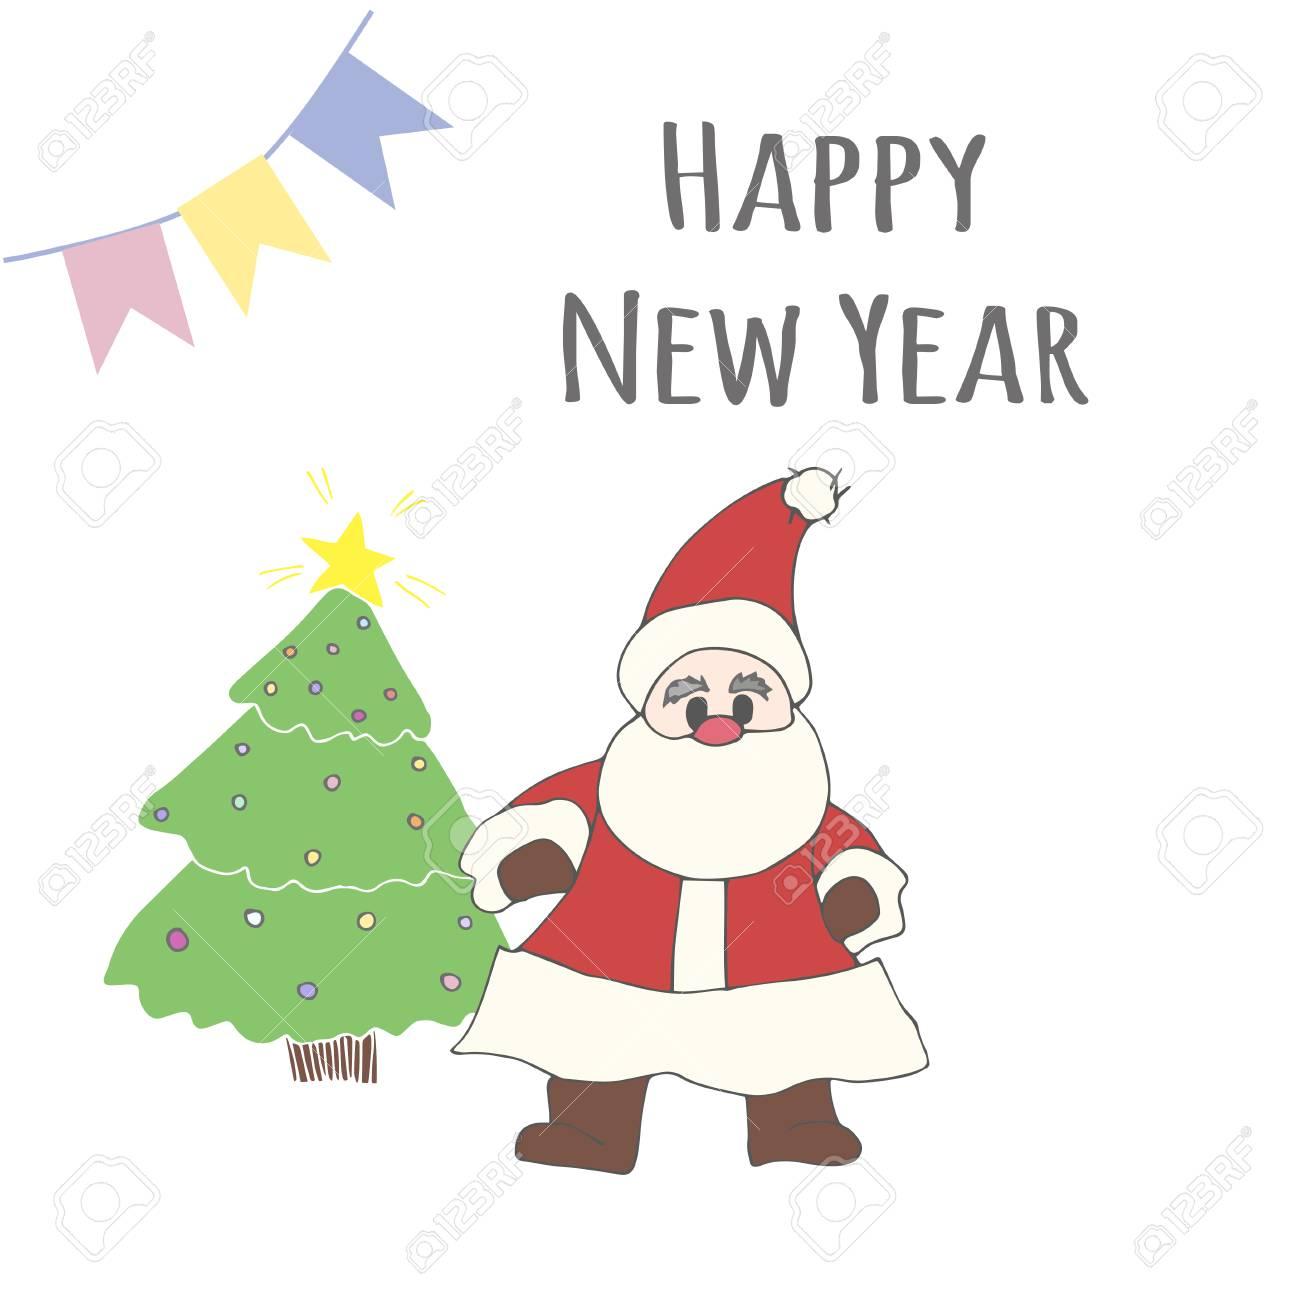 Santa Claus Und Weihnachtsbaum Mit Worten Frohes Neues Jahr ...